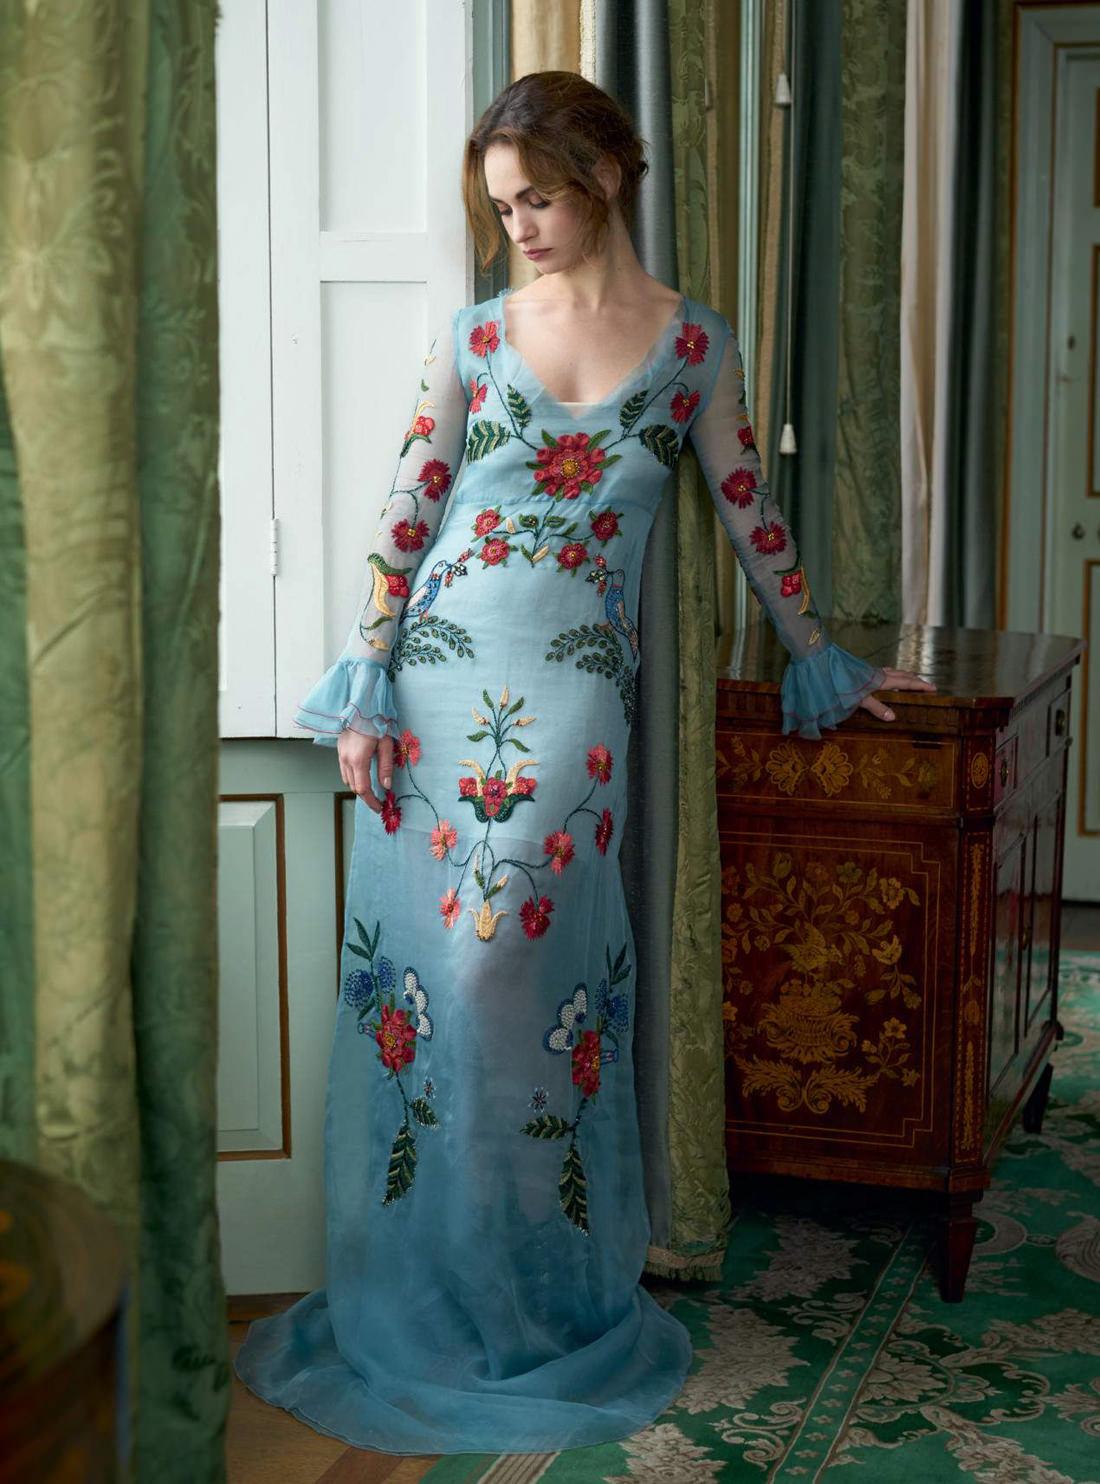 вышитое платье из шелка и органзы, Gucci; сапоги, Christian Louboutin